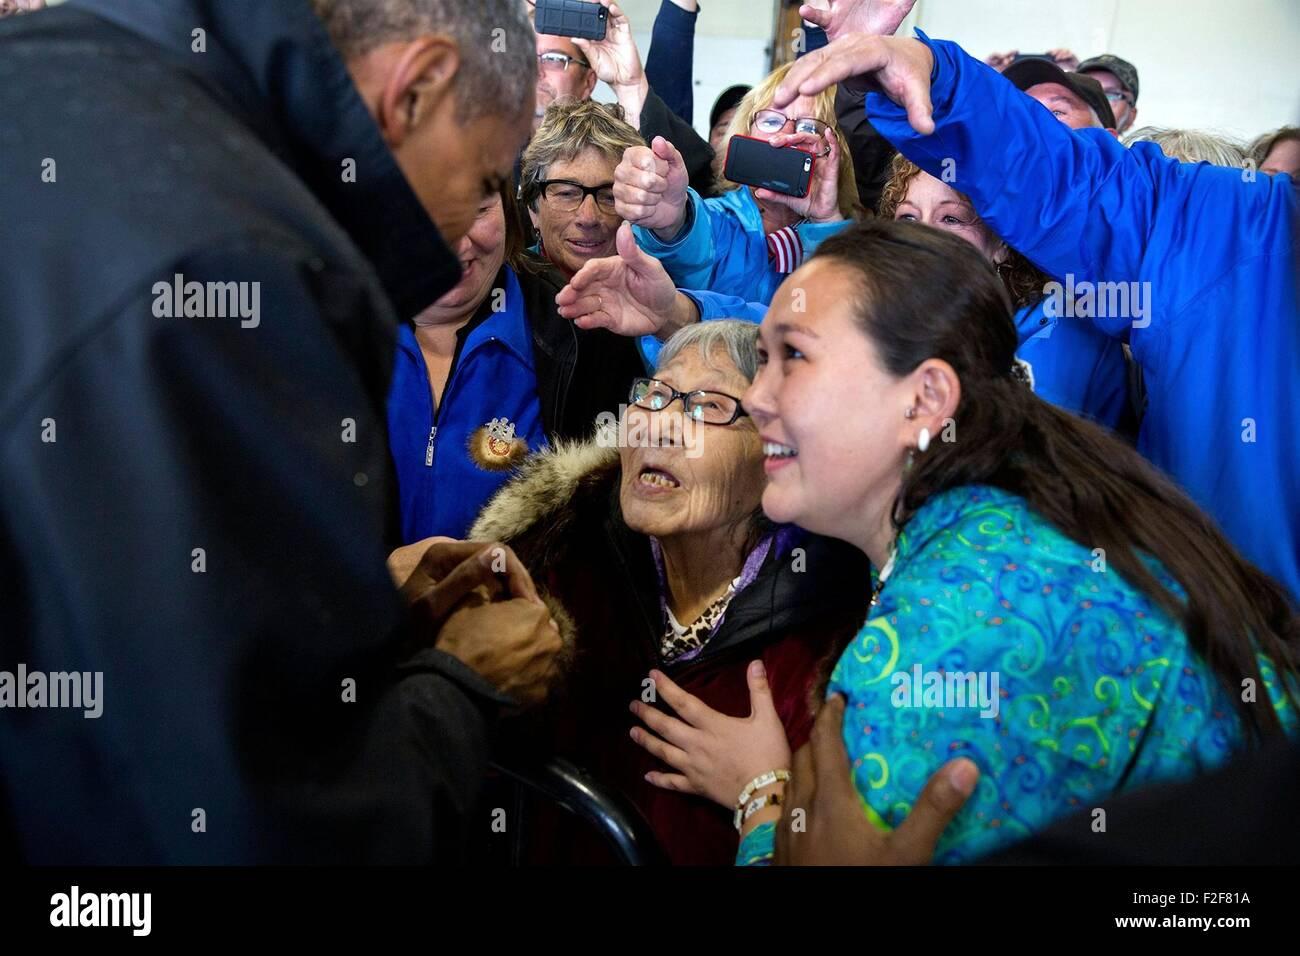 US-Präsident Barack Obama begrüßt Fans versammelten sich am Flughafen Dillingham 2. September 2015 Stockbild